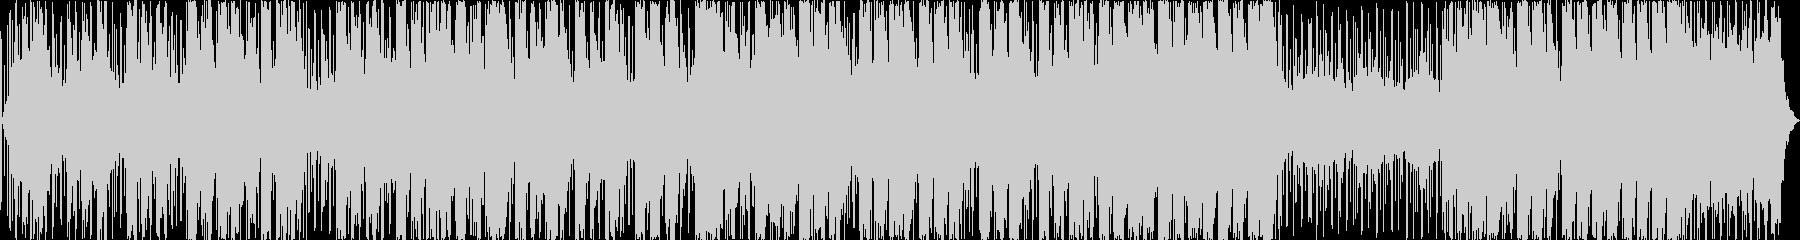 シーケンス 電子グリッチビート02の未再生の波形